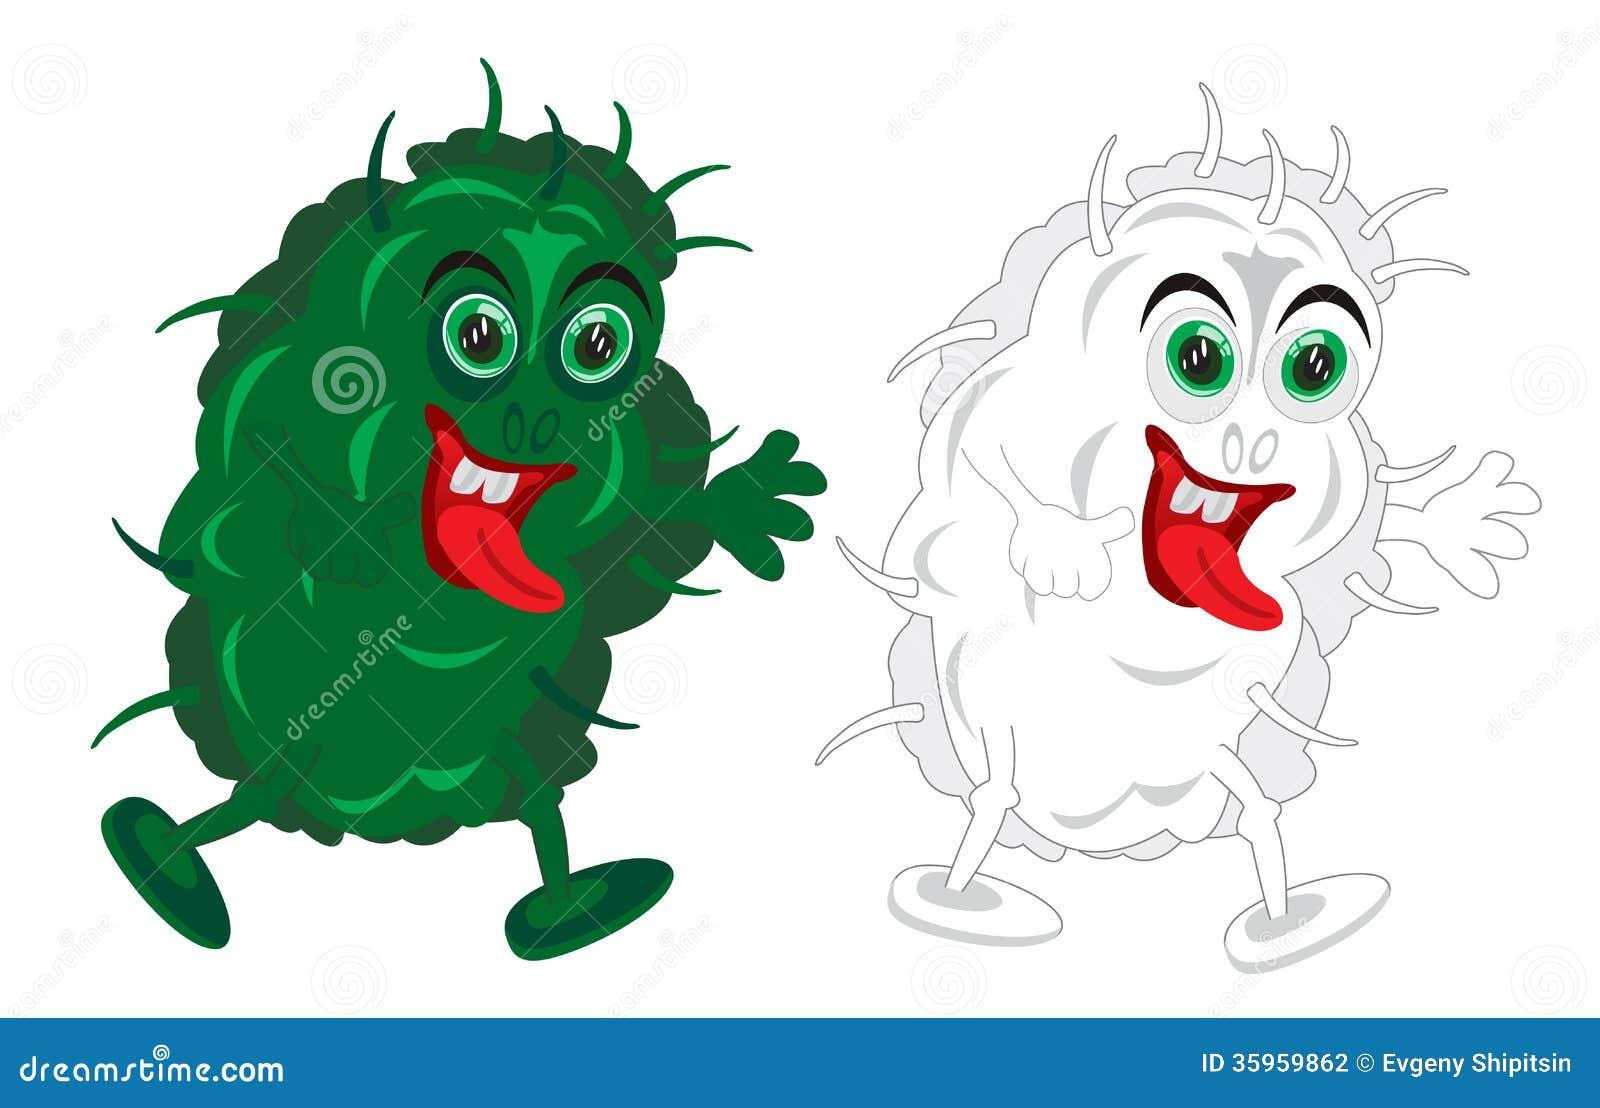 Dibujo a los bacterias